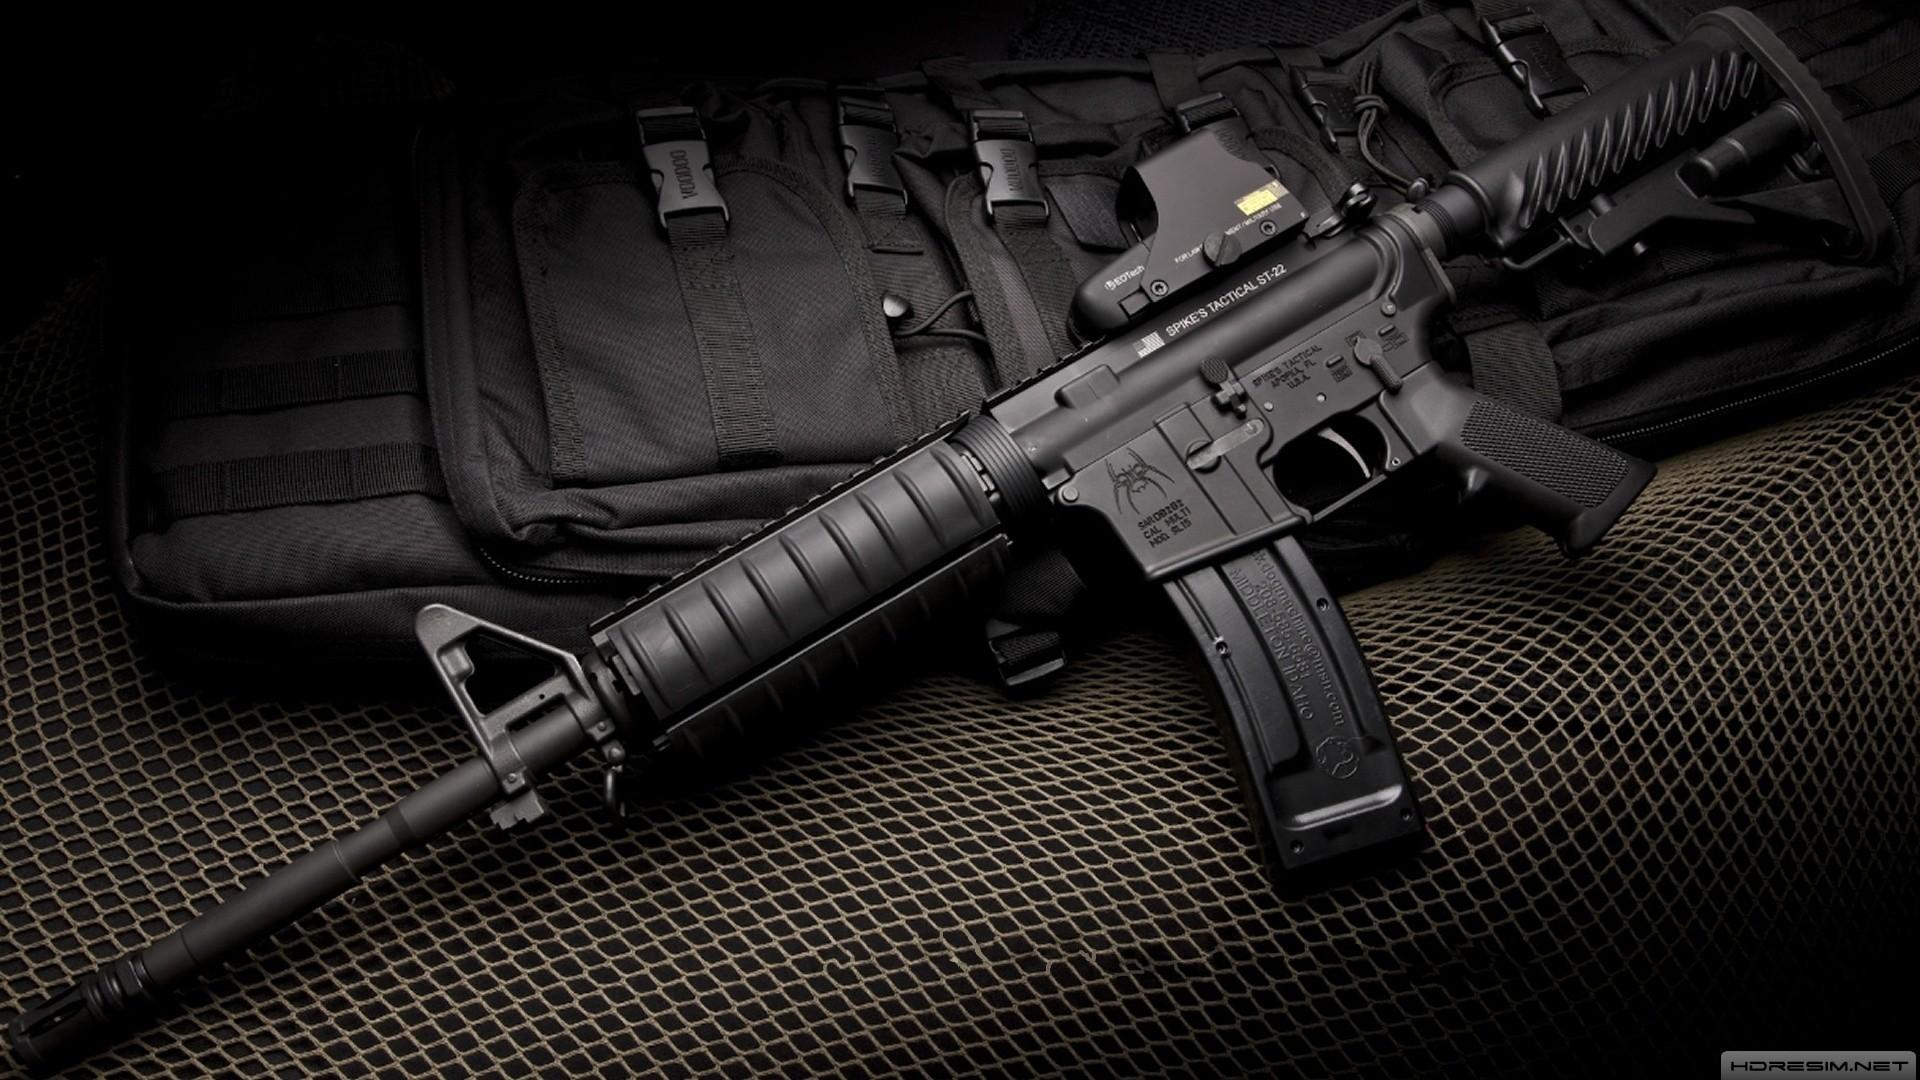 M4 Carbine Wallpaper - WallpaperSafari